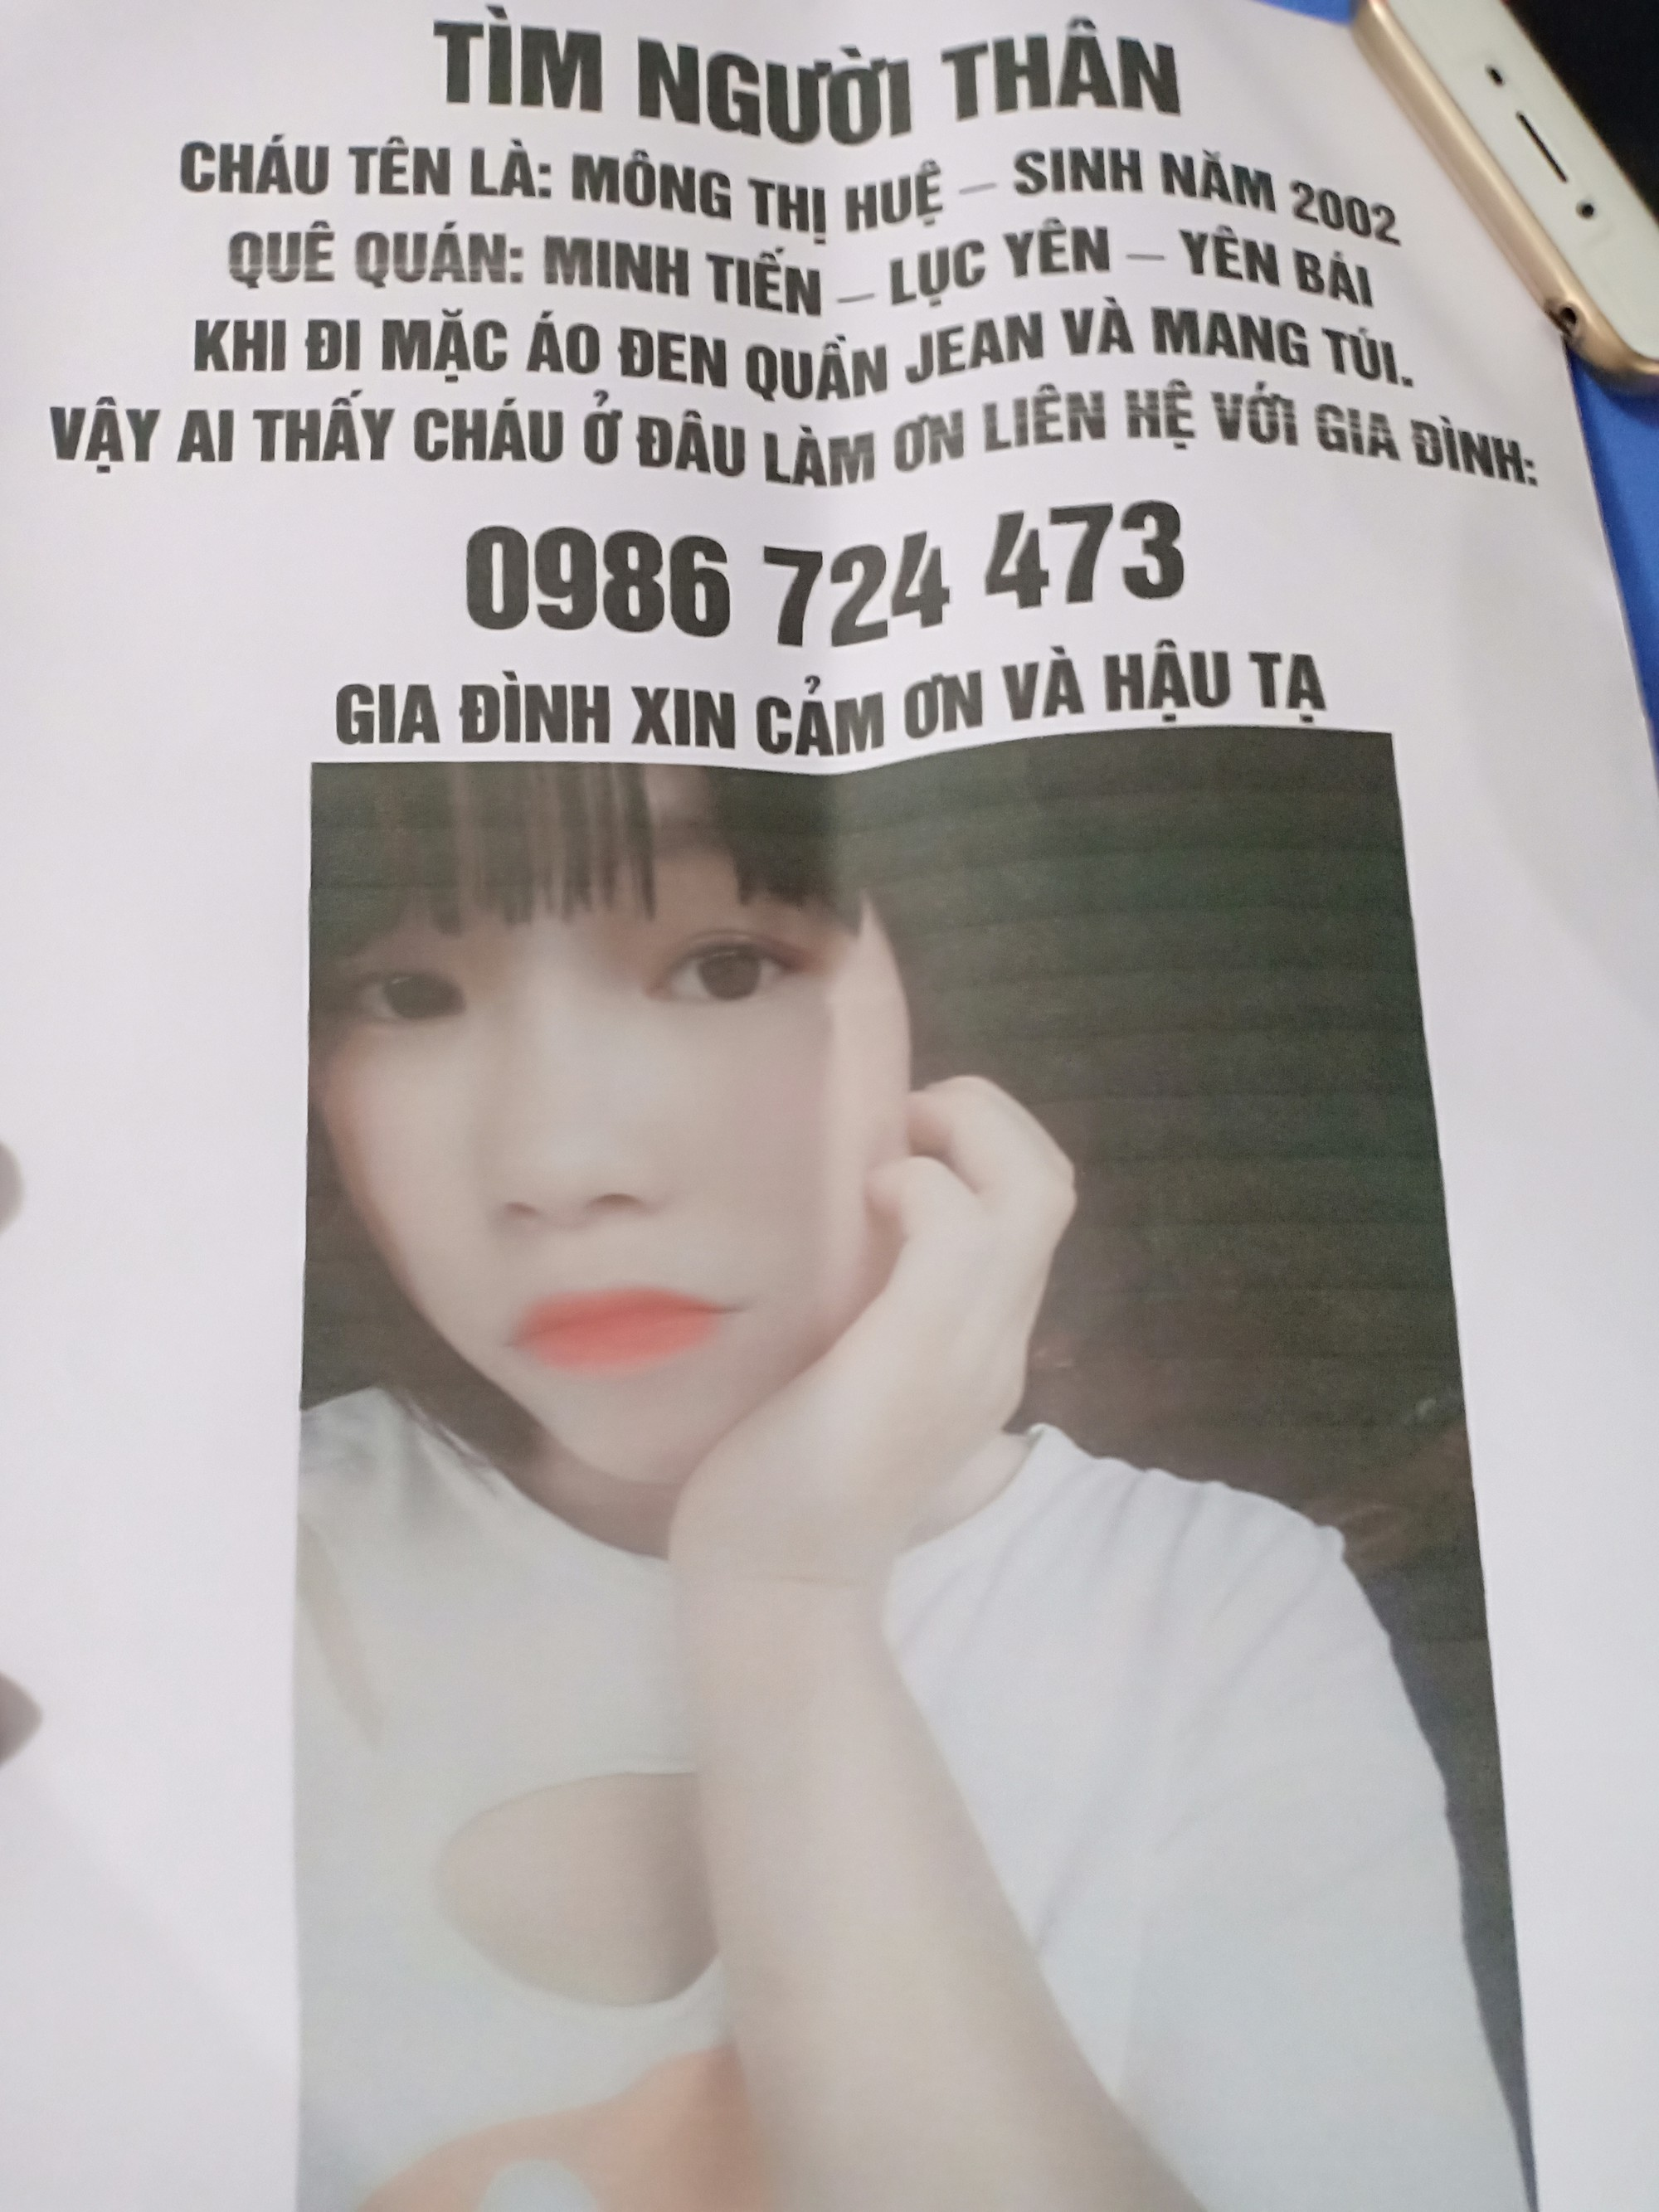 """Thiếu nữ xinh đẹp ở Yên Bái mất tích: Mẹ nhận tin nhắn lạ, nghi ngờ con gái trong động"""" mại dâm-1"""